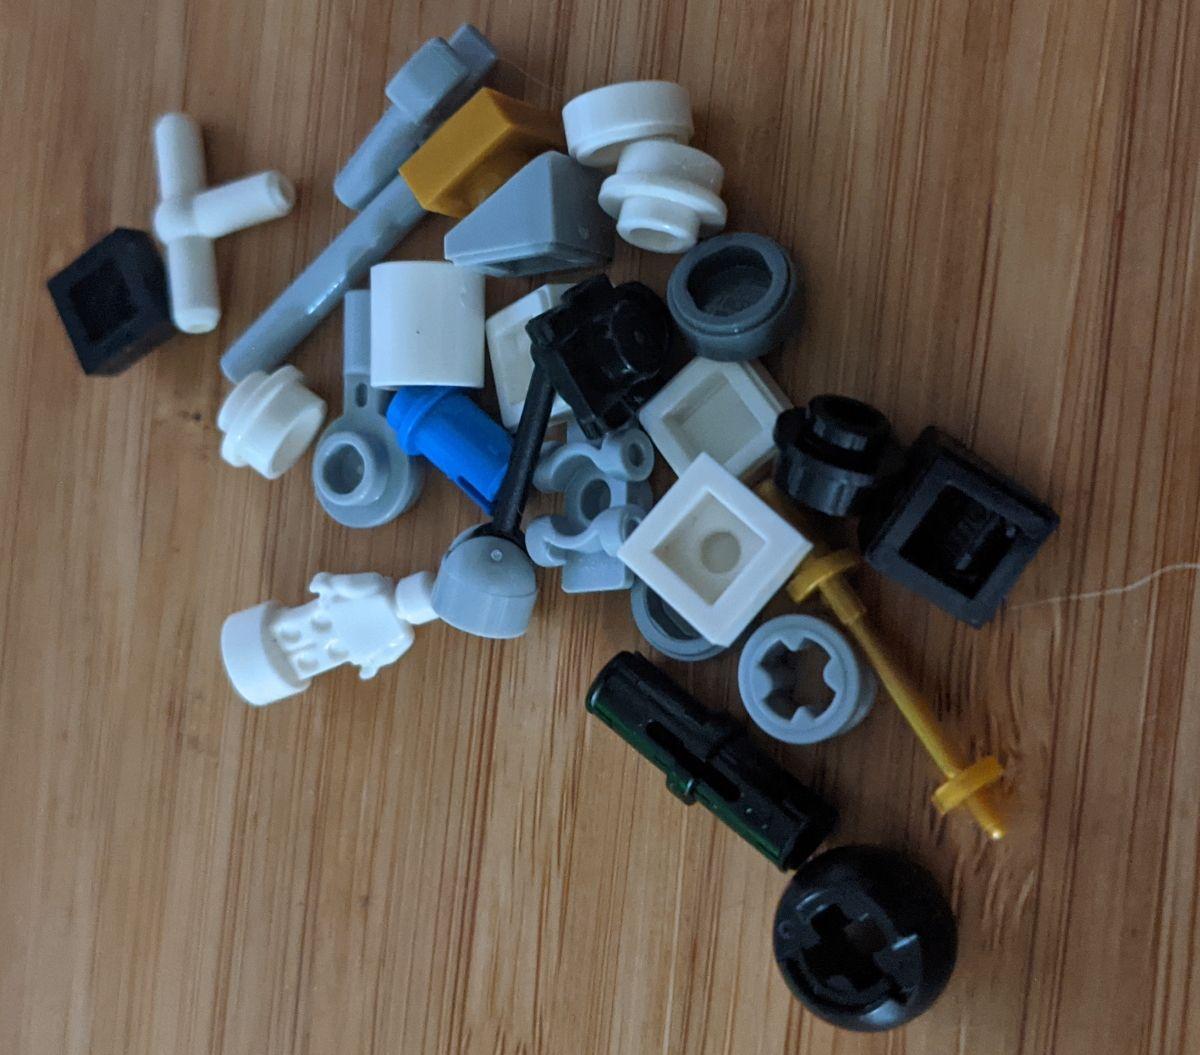 Brickit найдёт применение лишним Lego-деталям